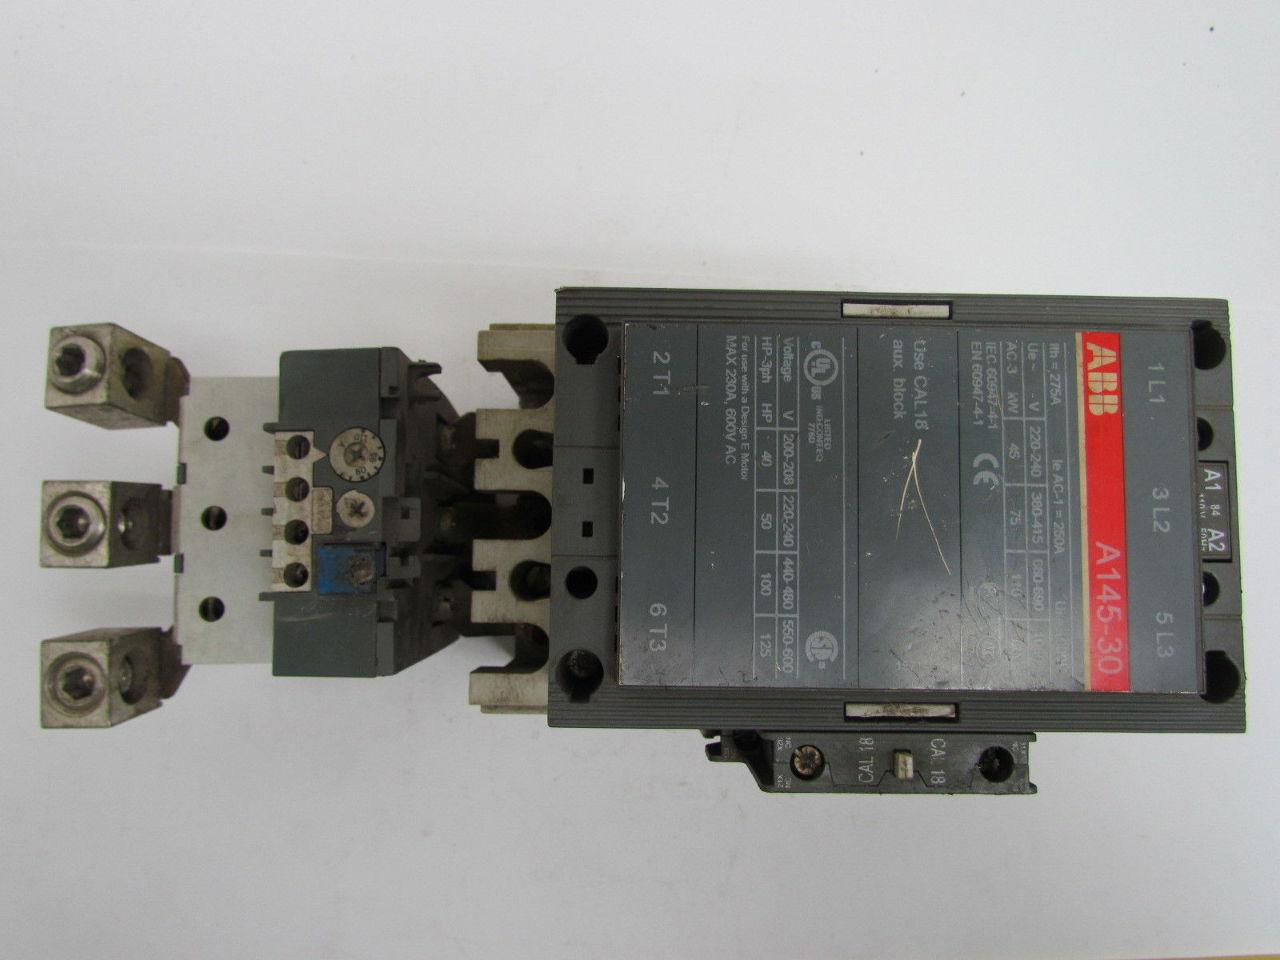 Abb A145 30 Non Reversing Motor Contactor 3 Pole 120v Coil